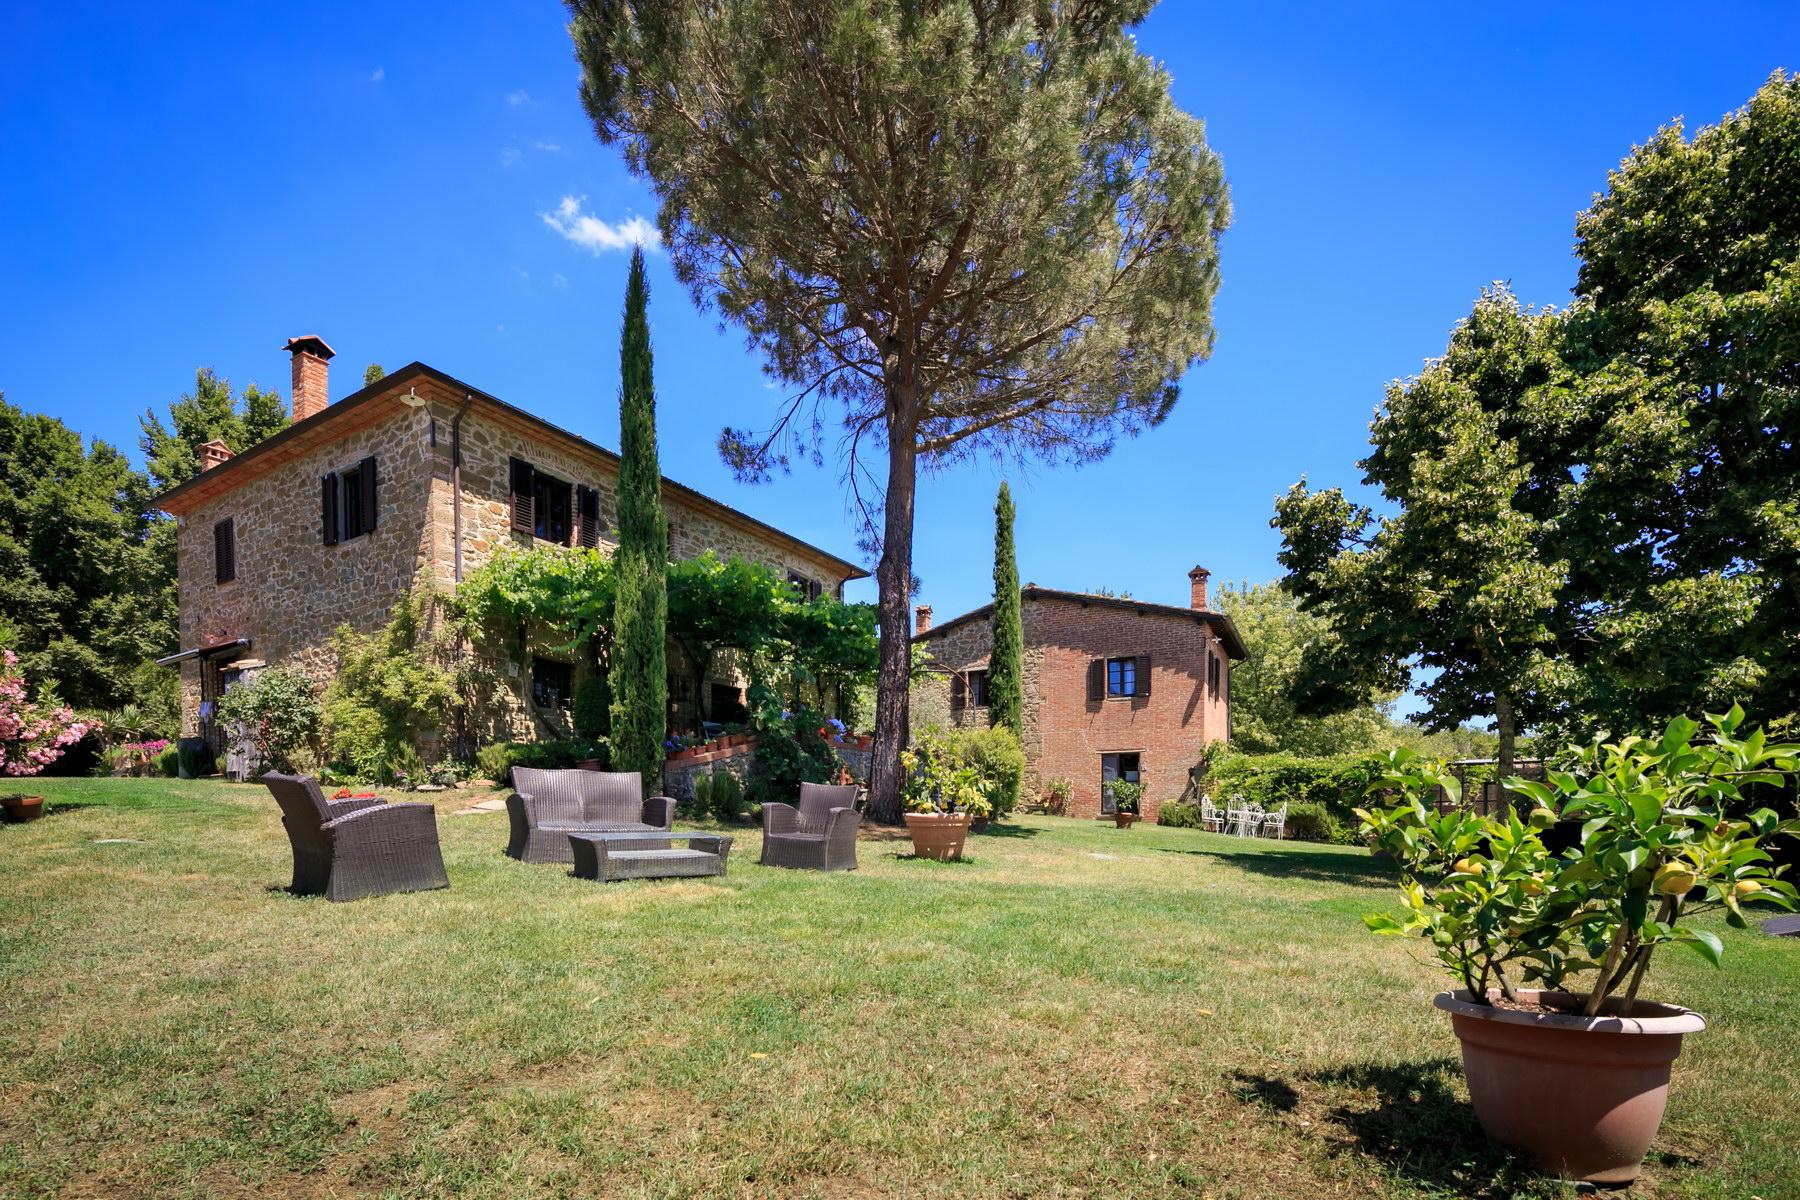 Rustico in Vendita a Civitella In Val Di Chiana: 5 locali, 604 mq - Foto 8